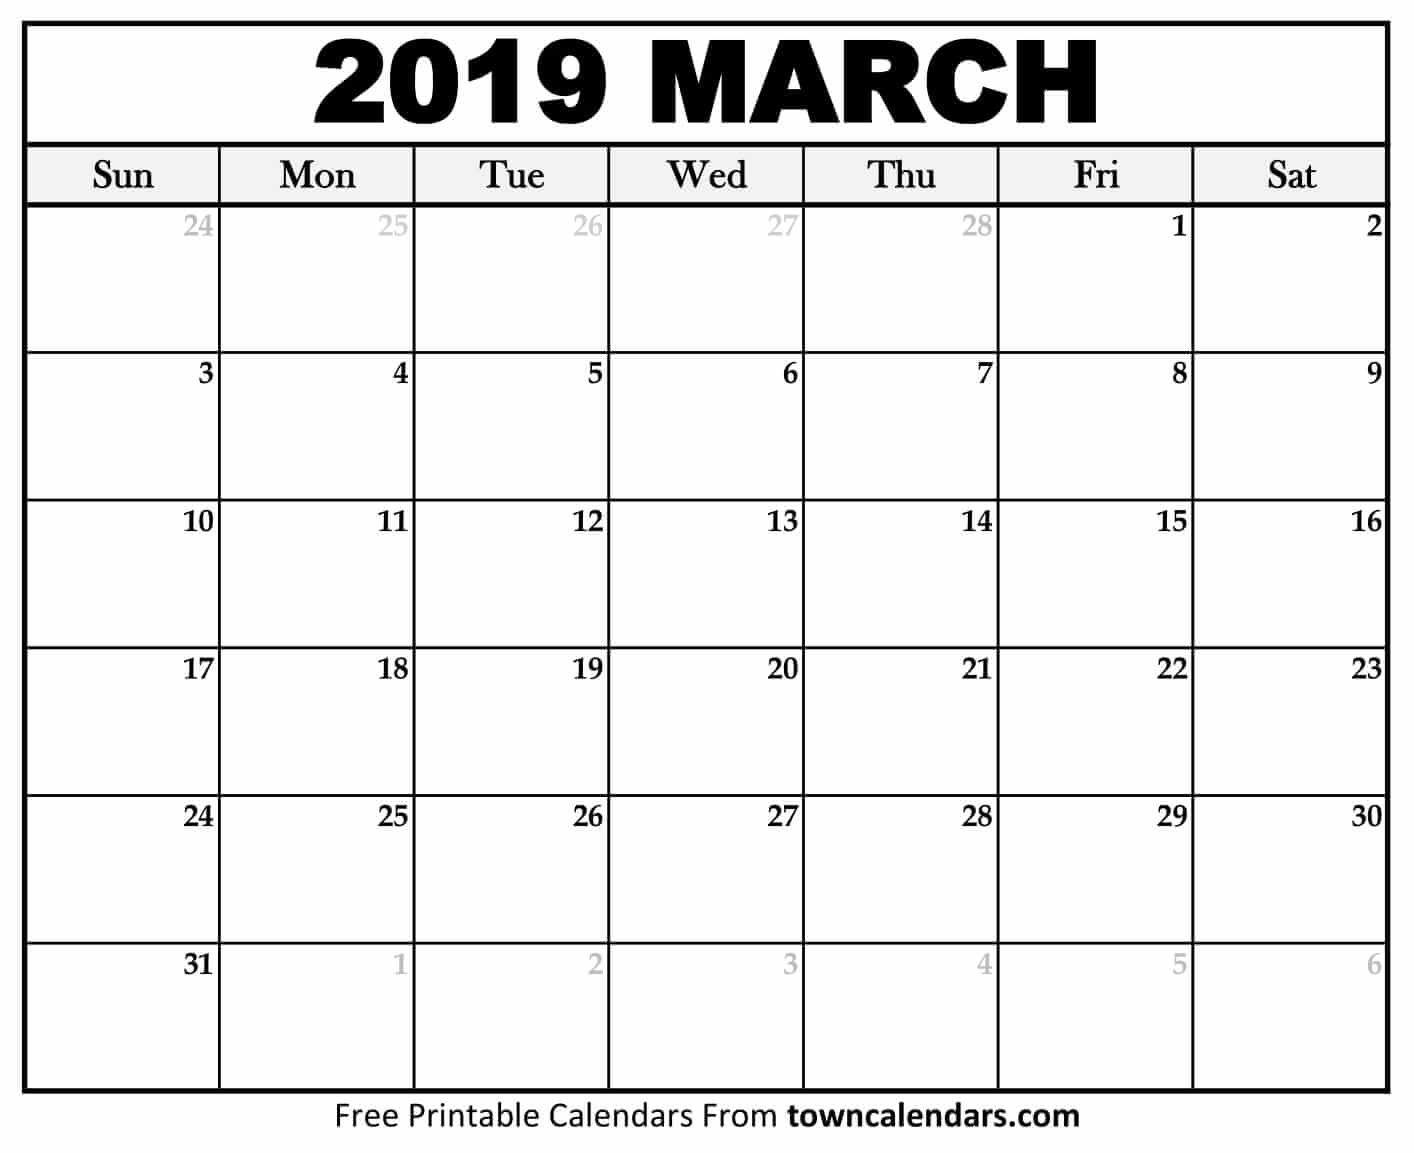 Printable March 2019 Calendar – Towncalendars Calendar 2019 March